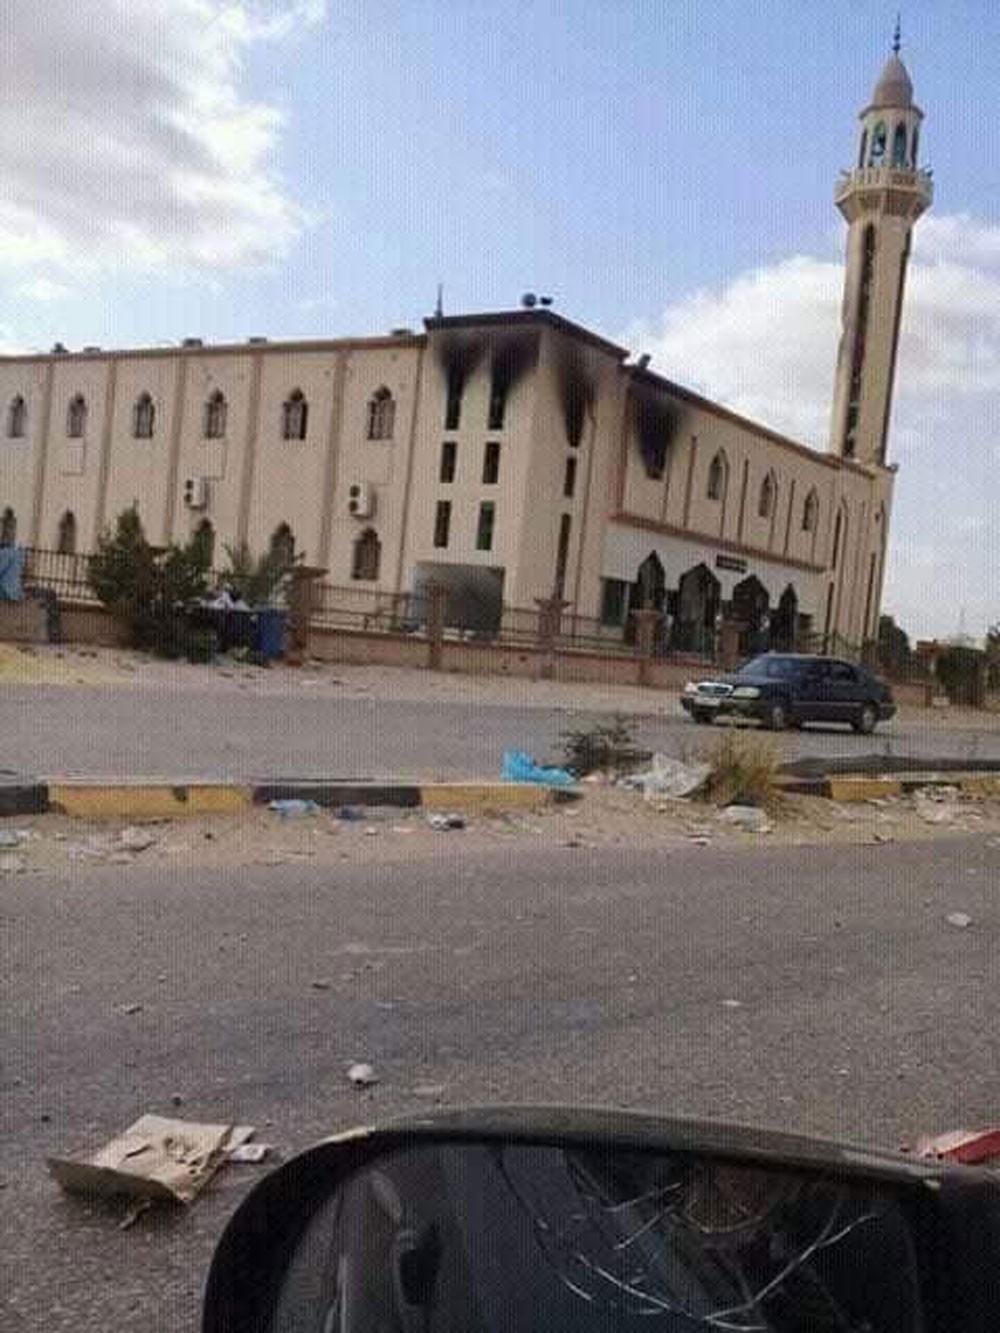 ليبيا.. تجدد الاشتباكات في العاصمة بعد إعلان وقف القتال